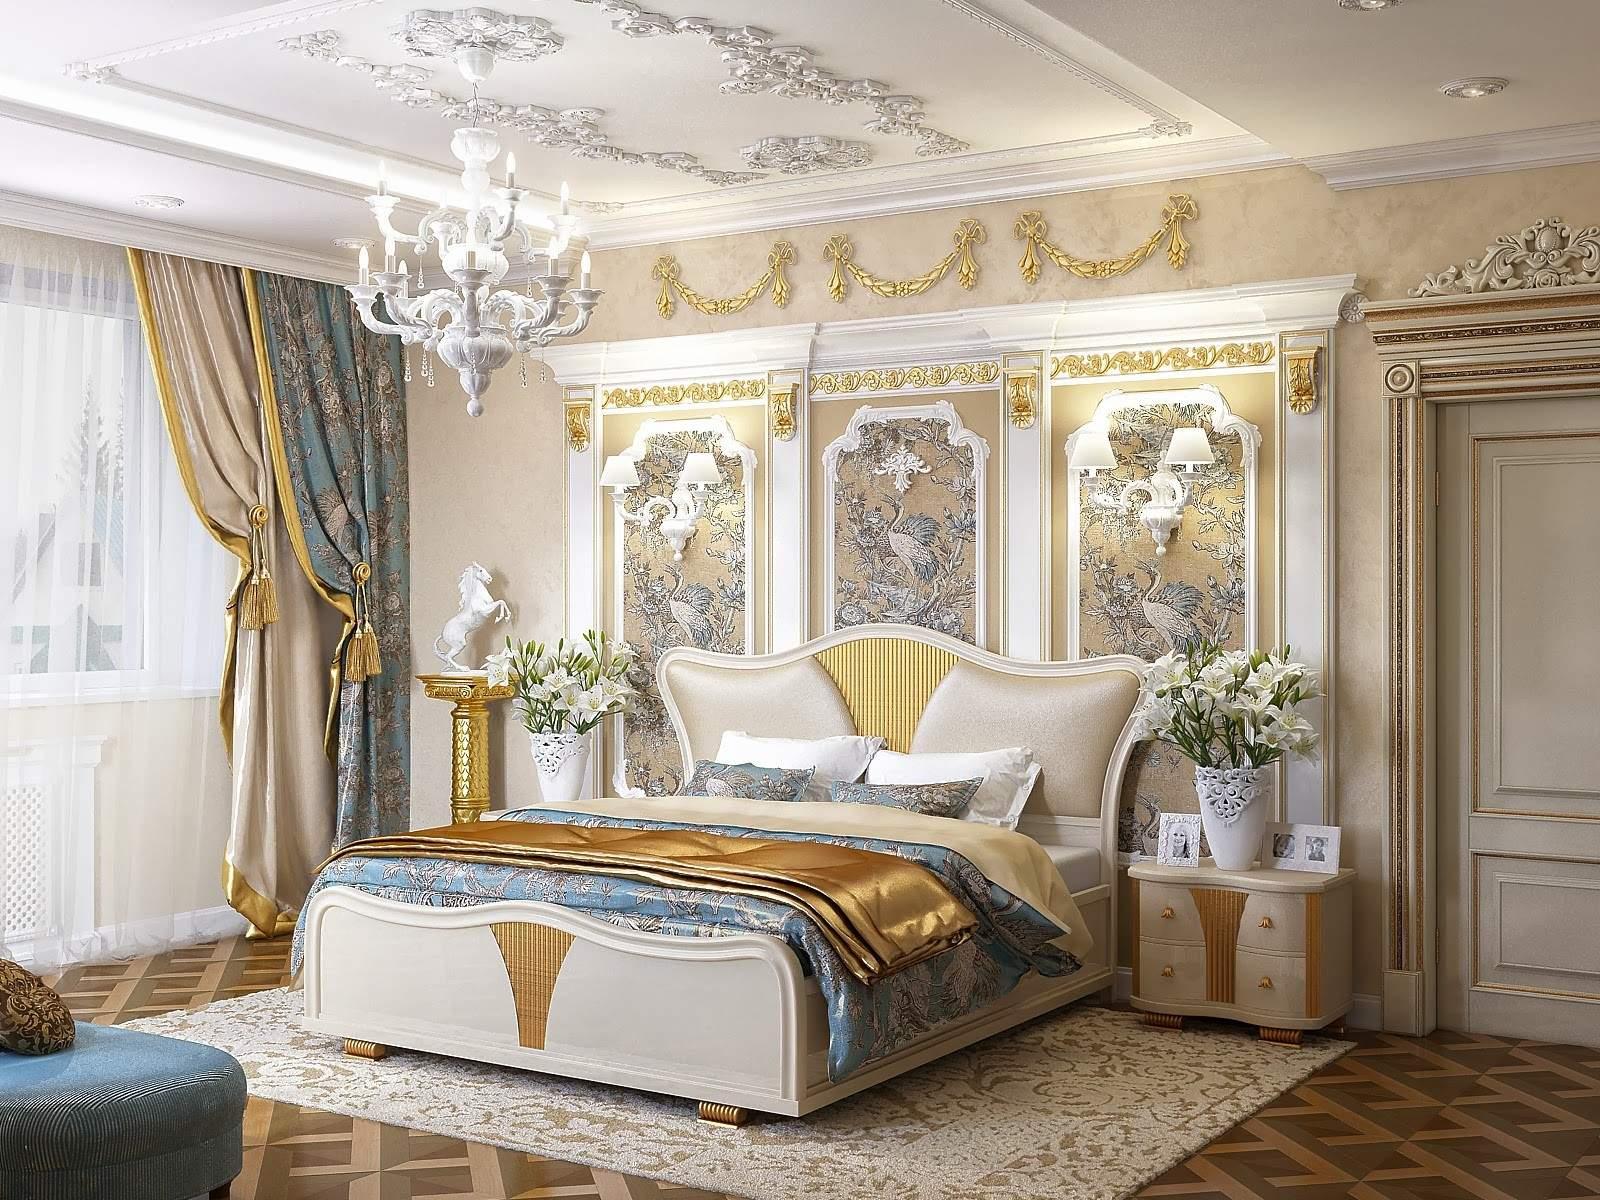 Для таких стилей, как барокко и классицизм характерны богатство, пышность и изысканность